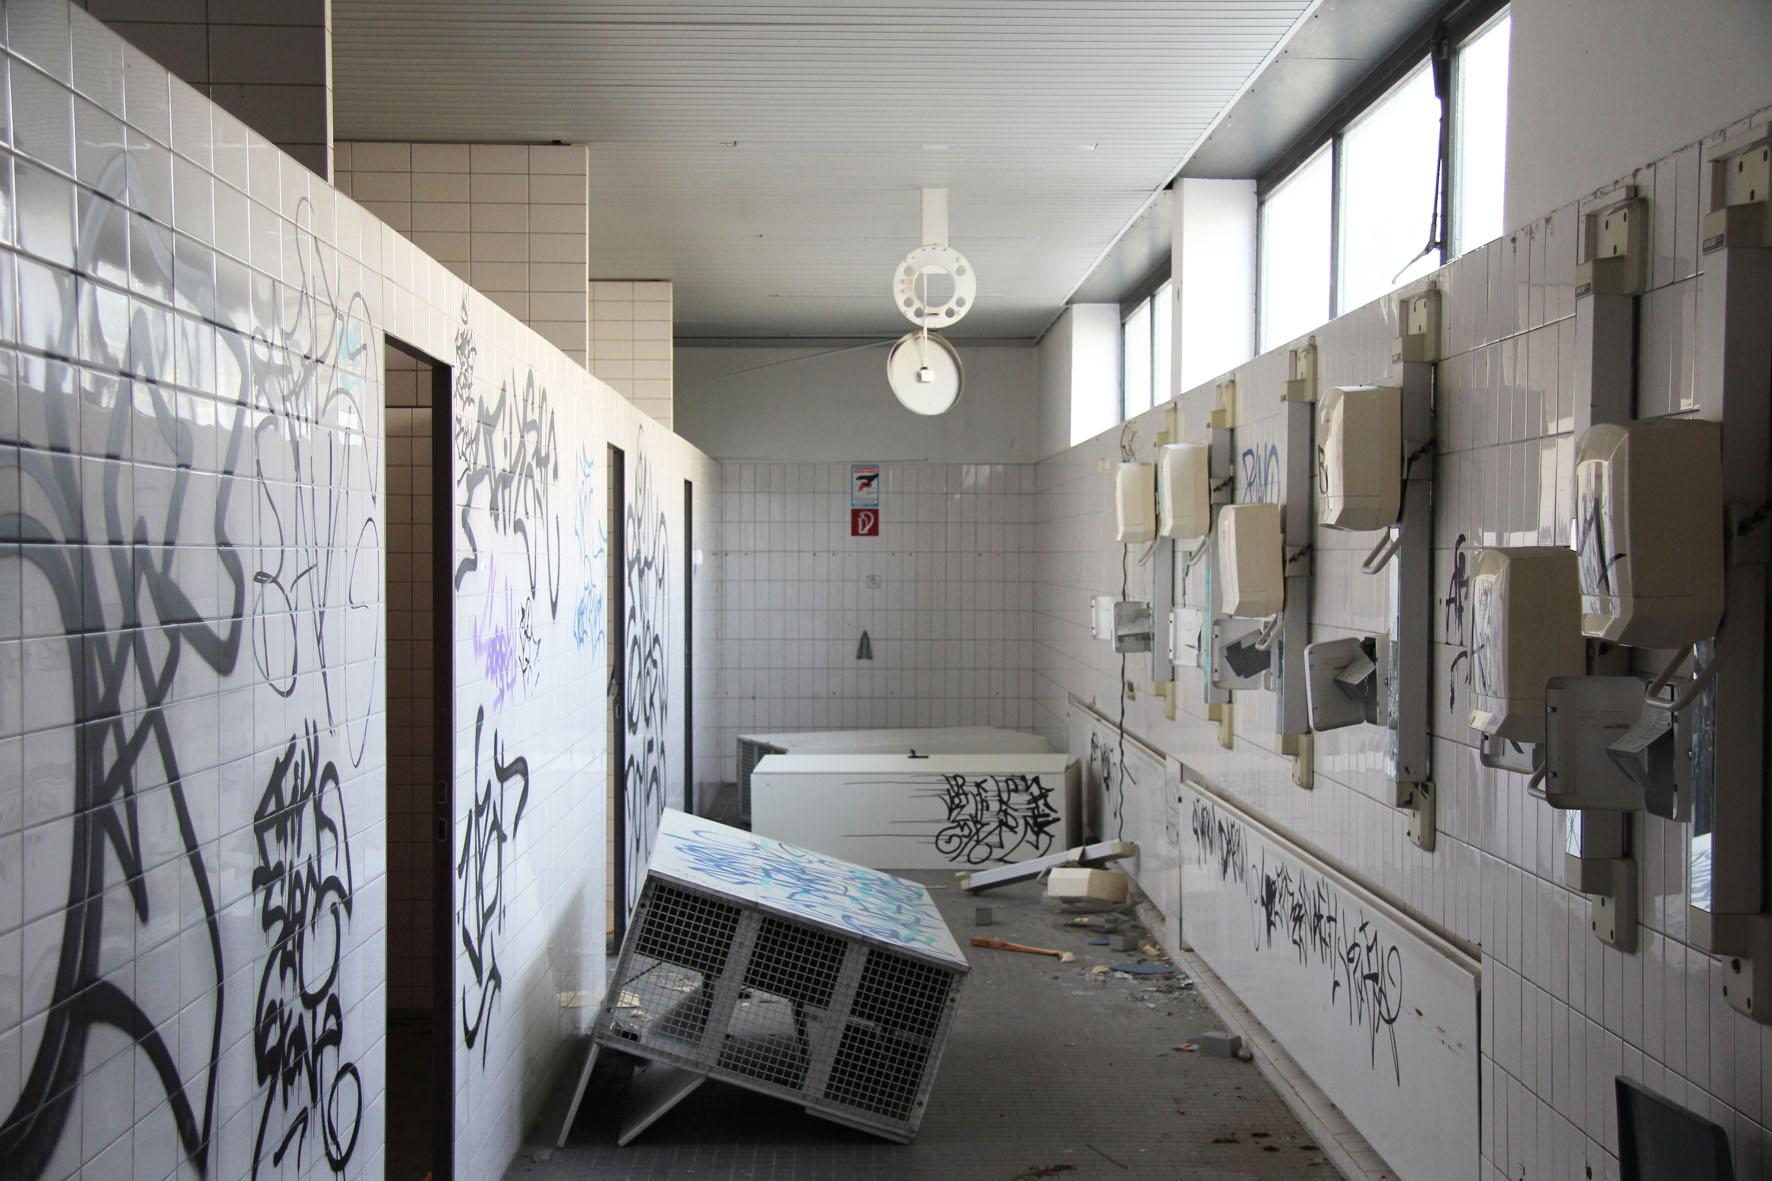 Der Umkleidebereich im Franzosenbad Berlin - Ein verlassenes Schwimmbad in der Cité Foch, ehemals Heimat der französischen Alliierten, die nach dem Zweiten Weltkrieg in Berlin stationiert waren